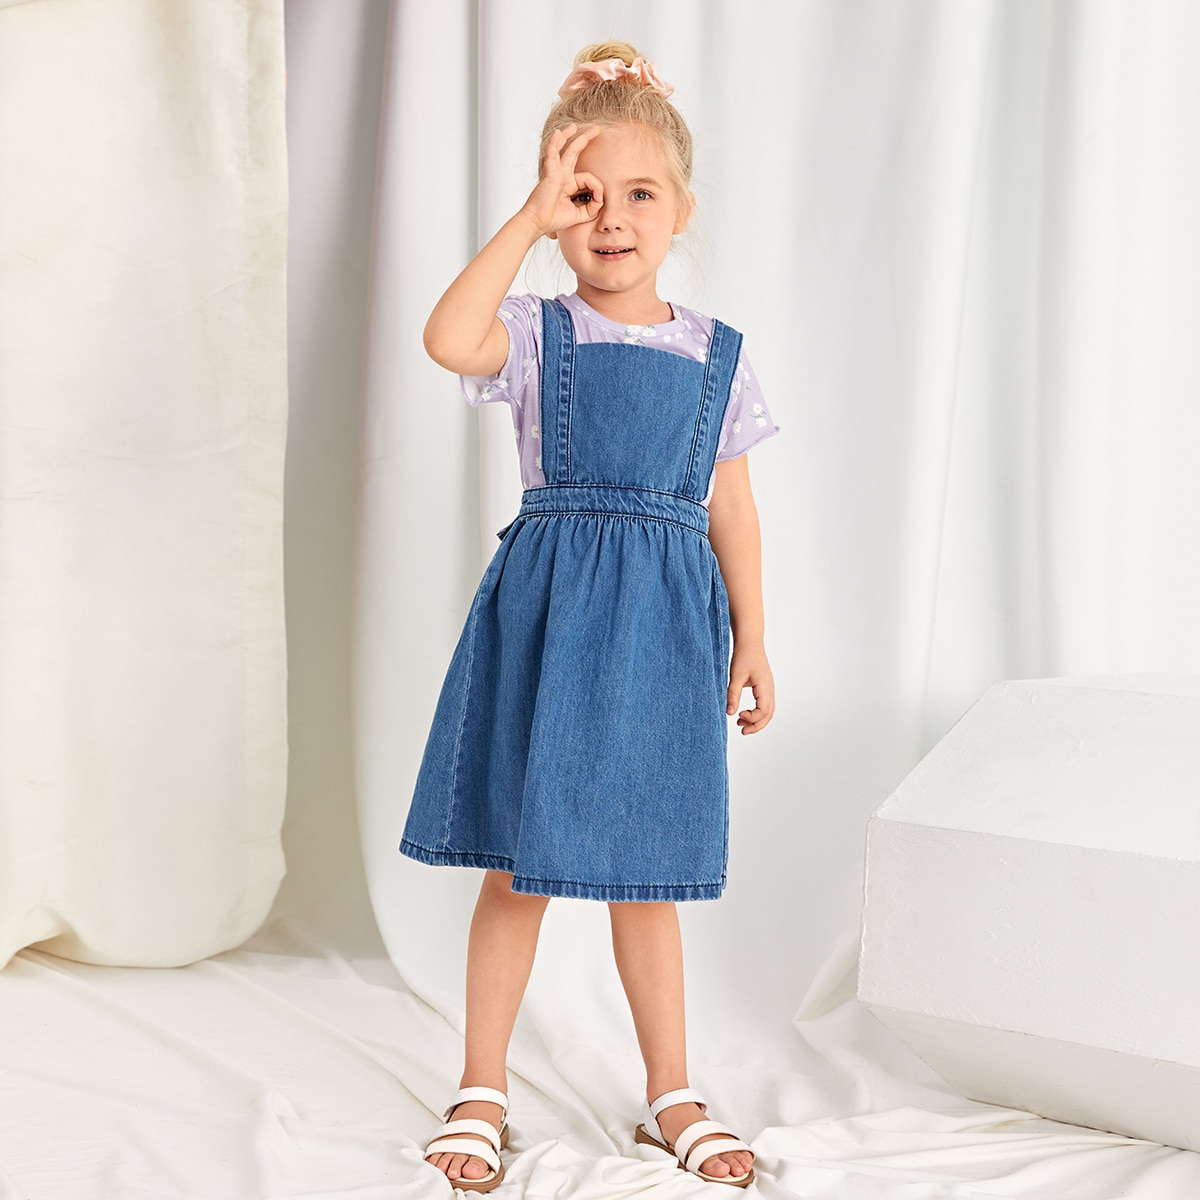 крест на крест Одноцветный Институтский Джинсовые платья для девочек SheIn skdress03210310071